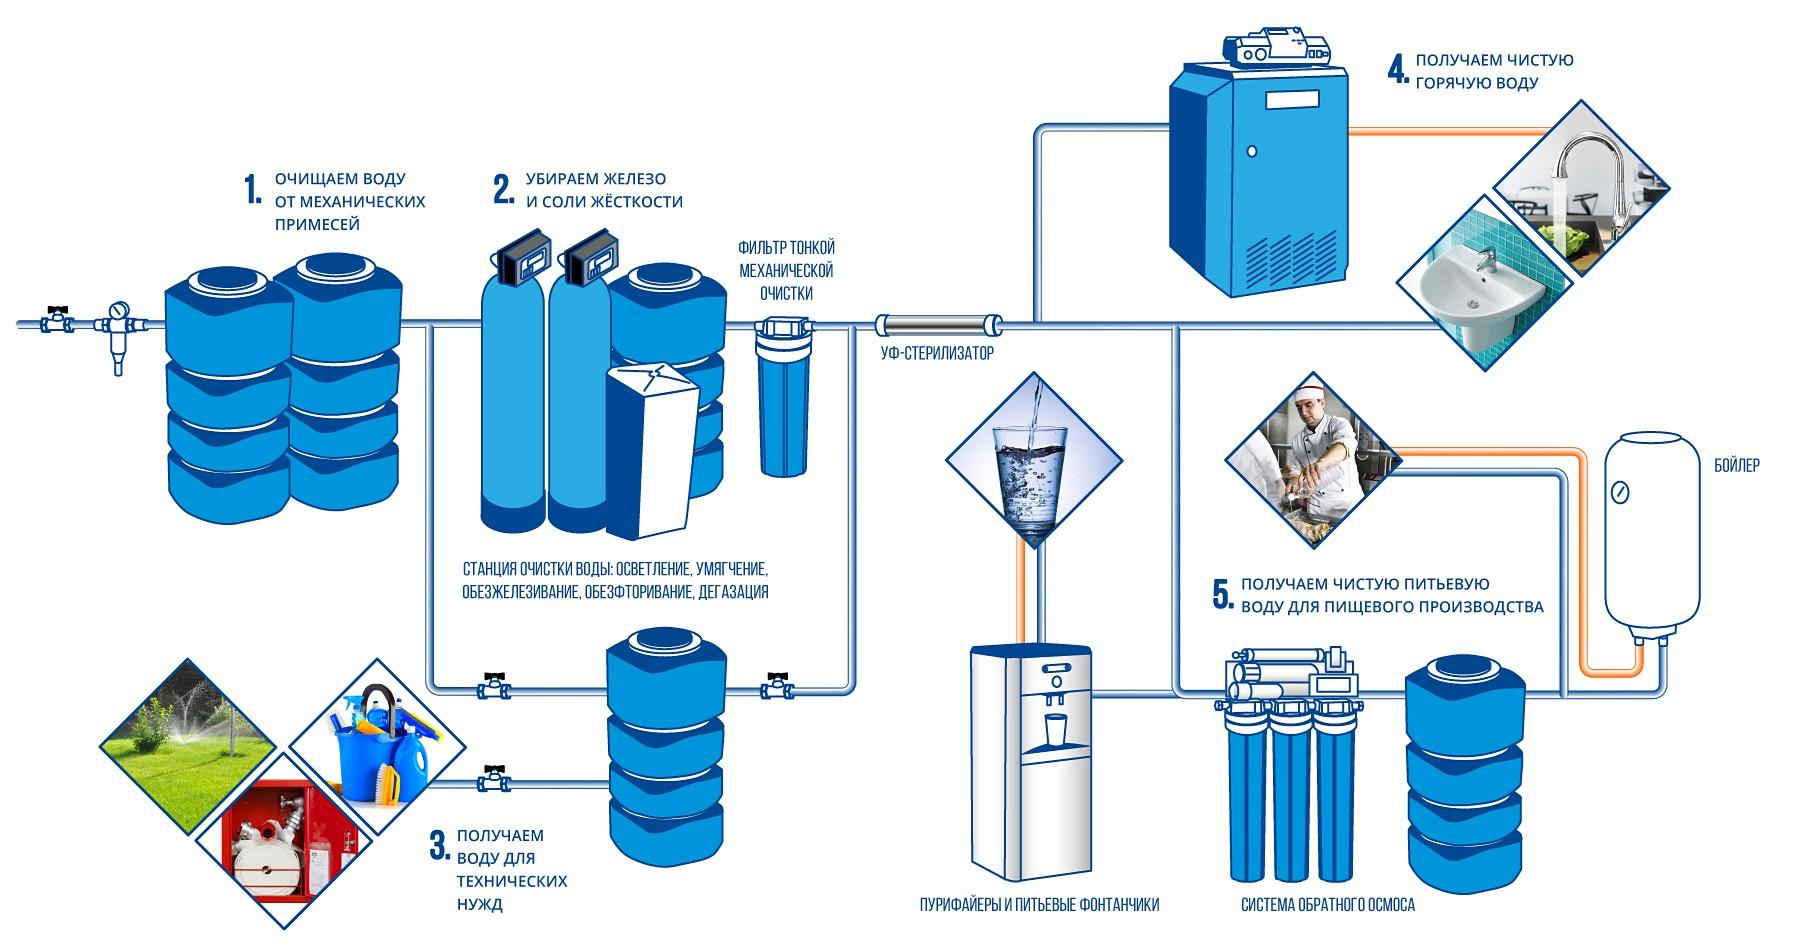 Схема водоснабжения и водоподготовки школ, детских садов, образовательных учреждений